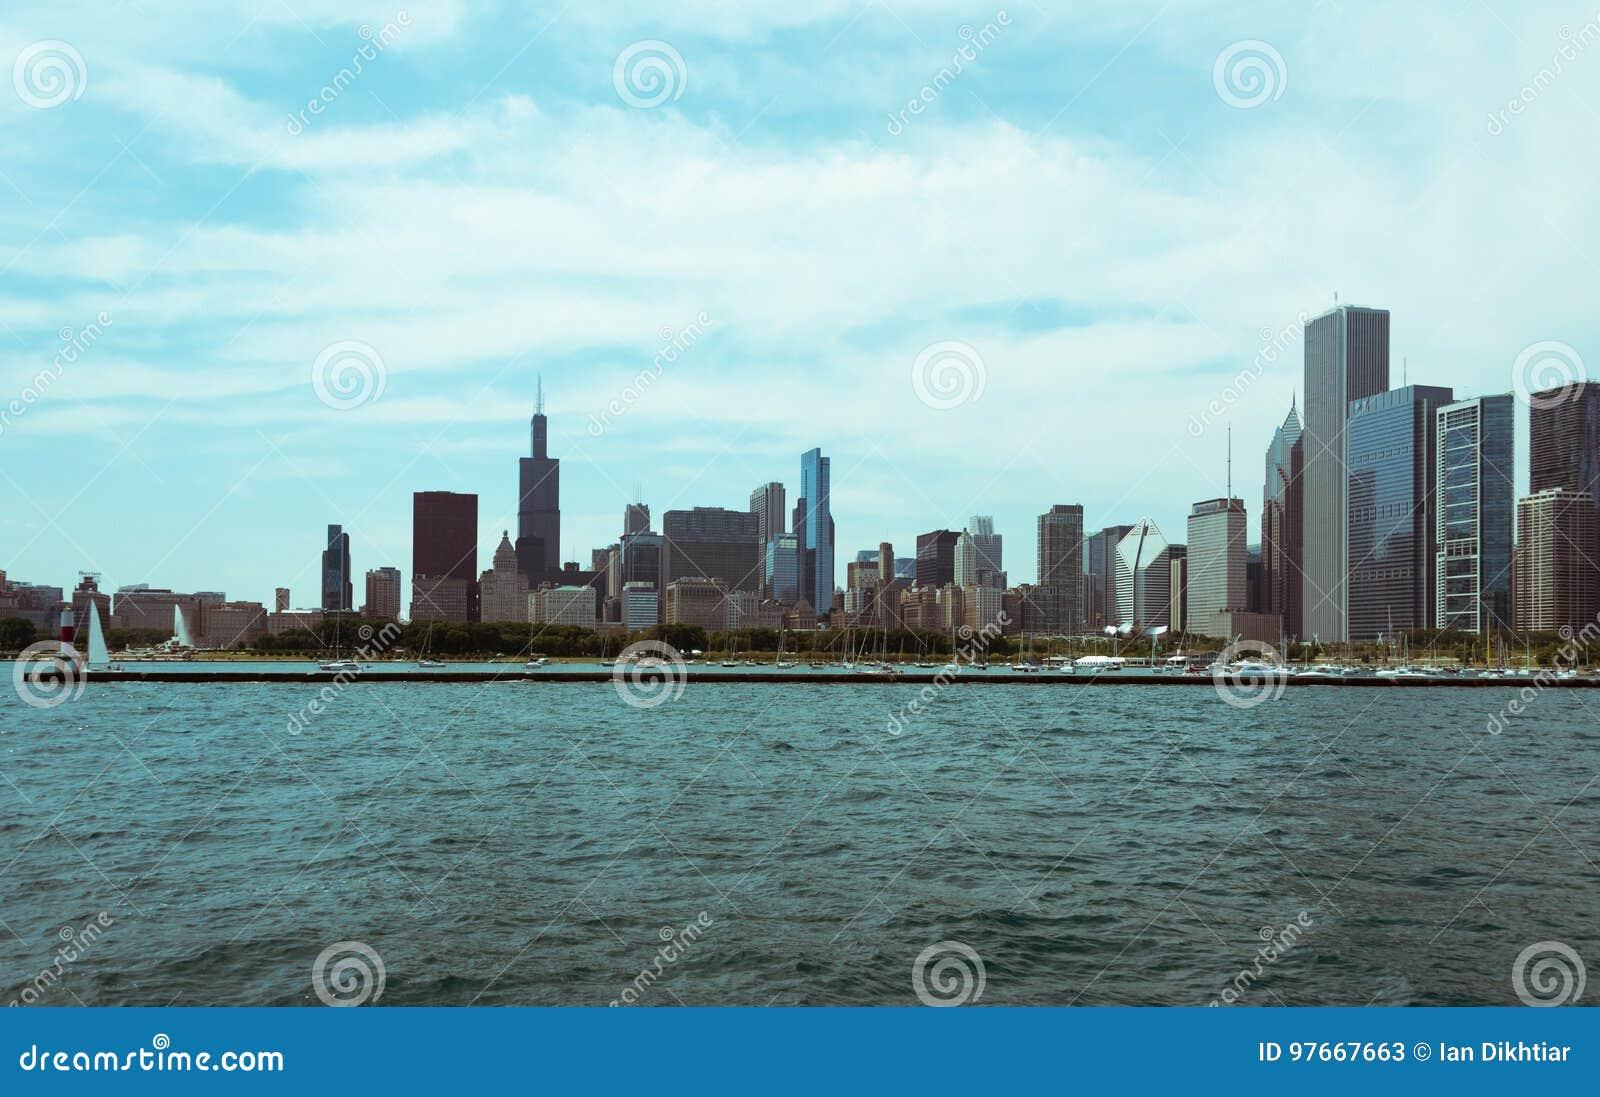 Im Stadtzentrum gelegene Skylineansicht Chicagos von einem Boot